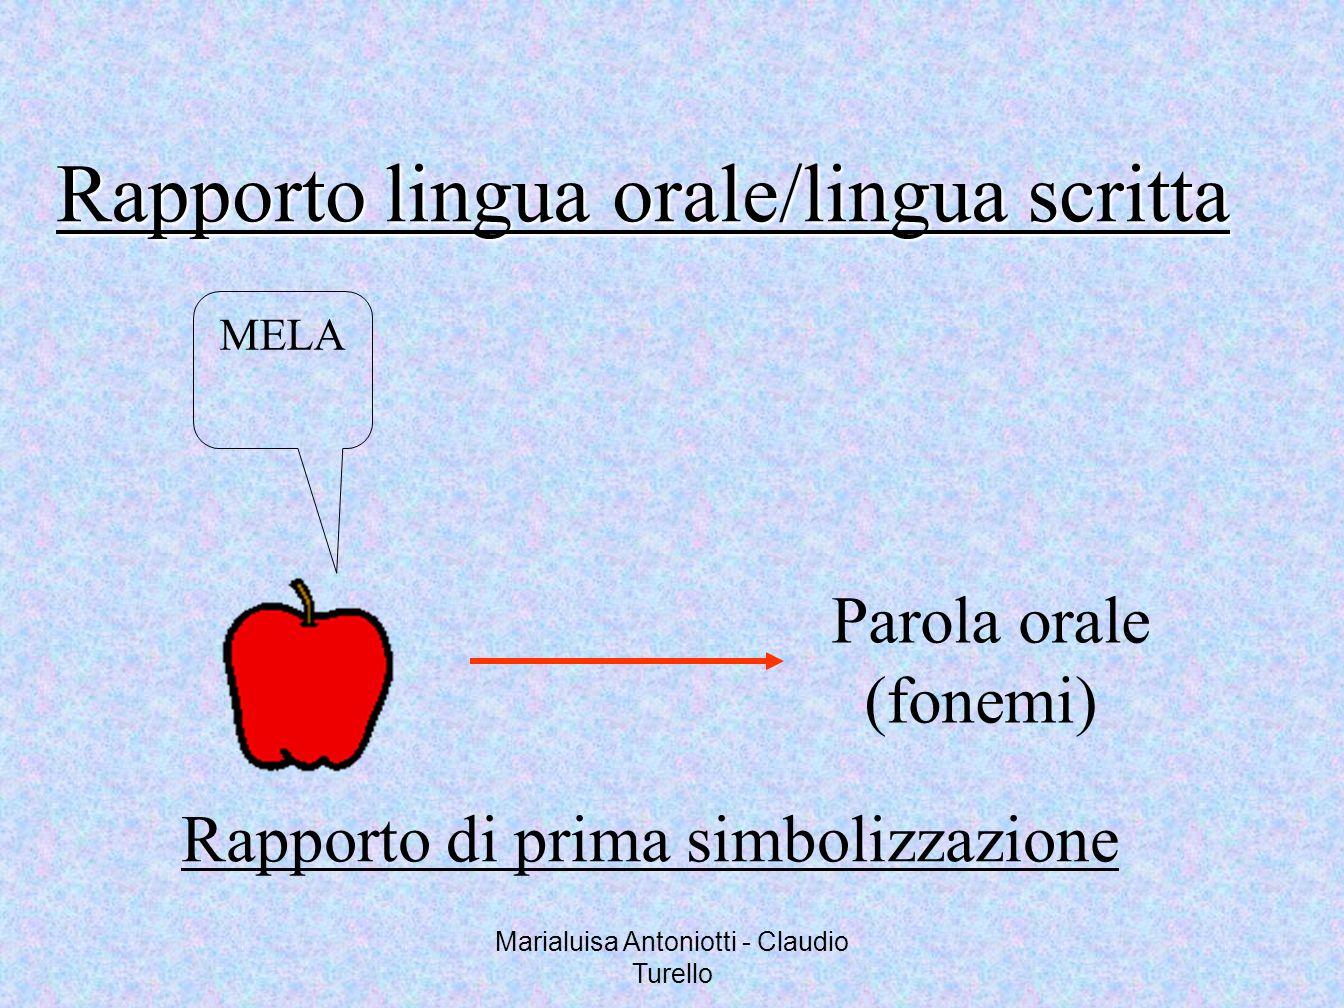 Marialuisa Antoniotti - Claudio Turello Rapporto di prima simbolizzazione Parola orale (fonemi) MELA Rapporto lingua orale/lingua scritta